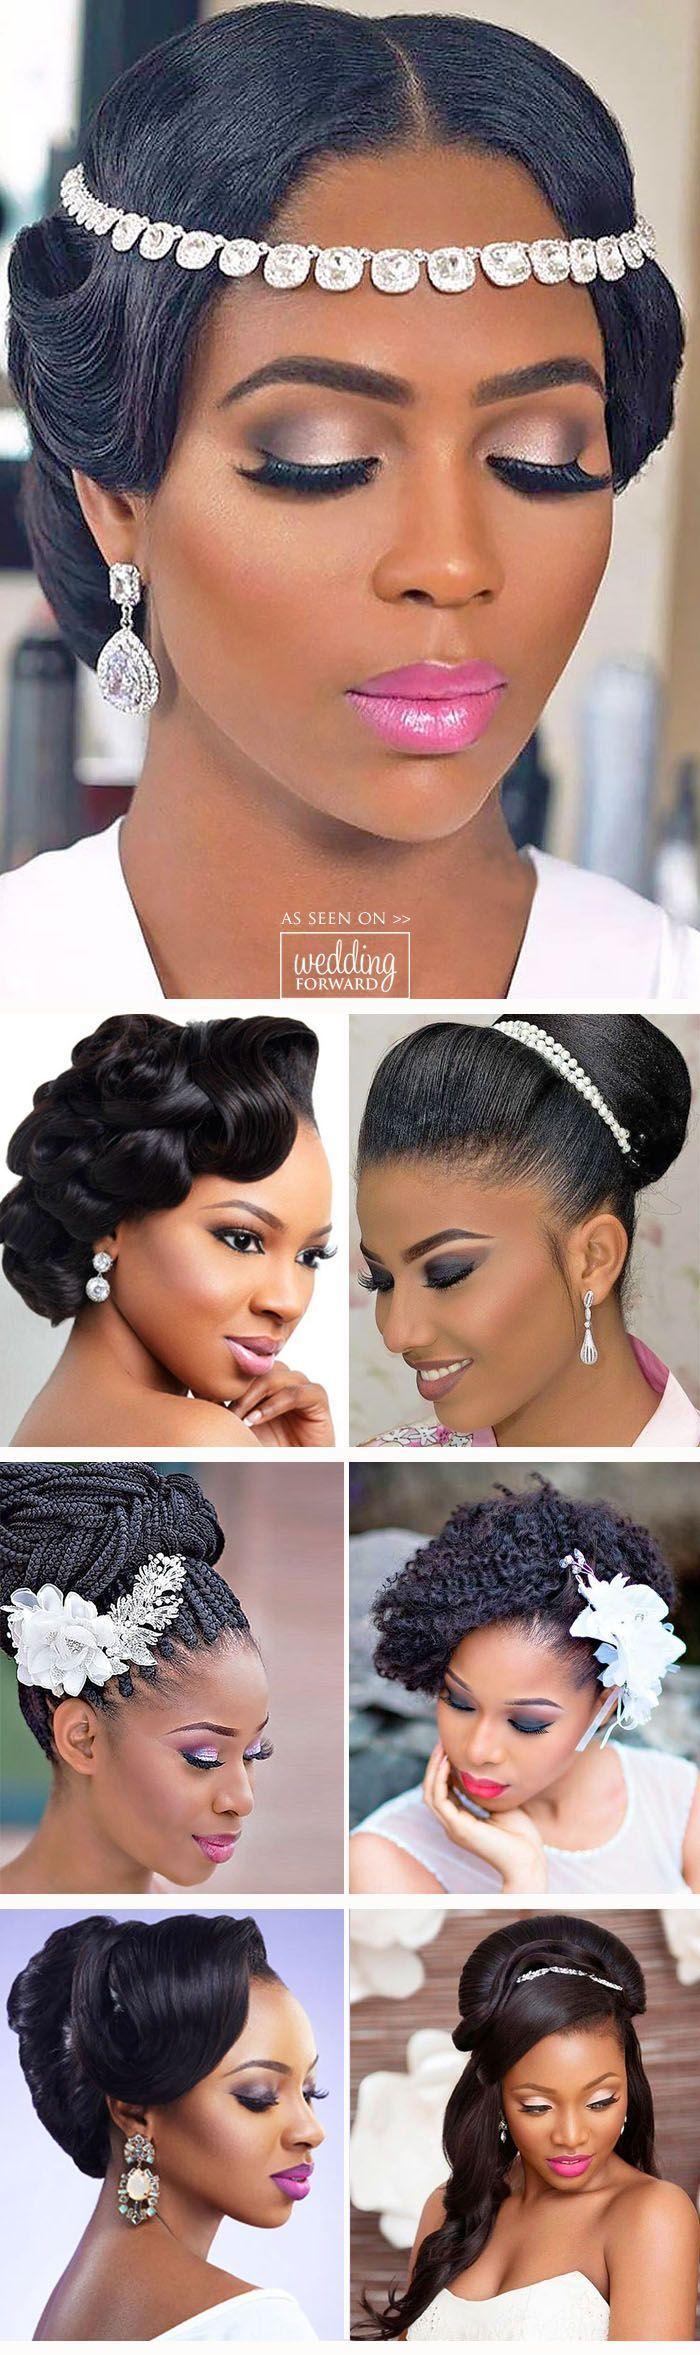 Makeup & Hair Ideas: 24 schwarze Frauen, die Frisuren machen, ist eine Aufgabe   – Cupcake, Baston et Talons Hauts ❘ Blog Lifestyle ❘ Feel Good